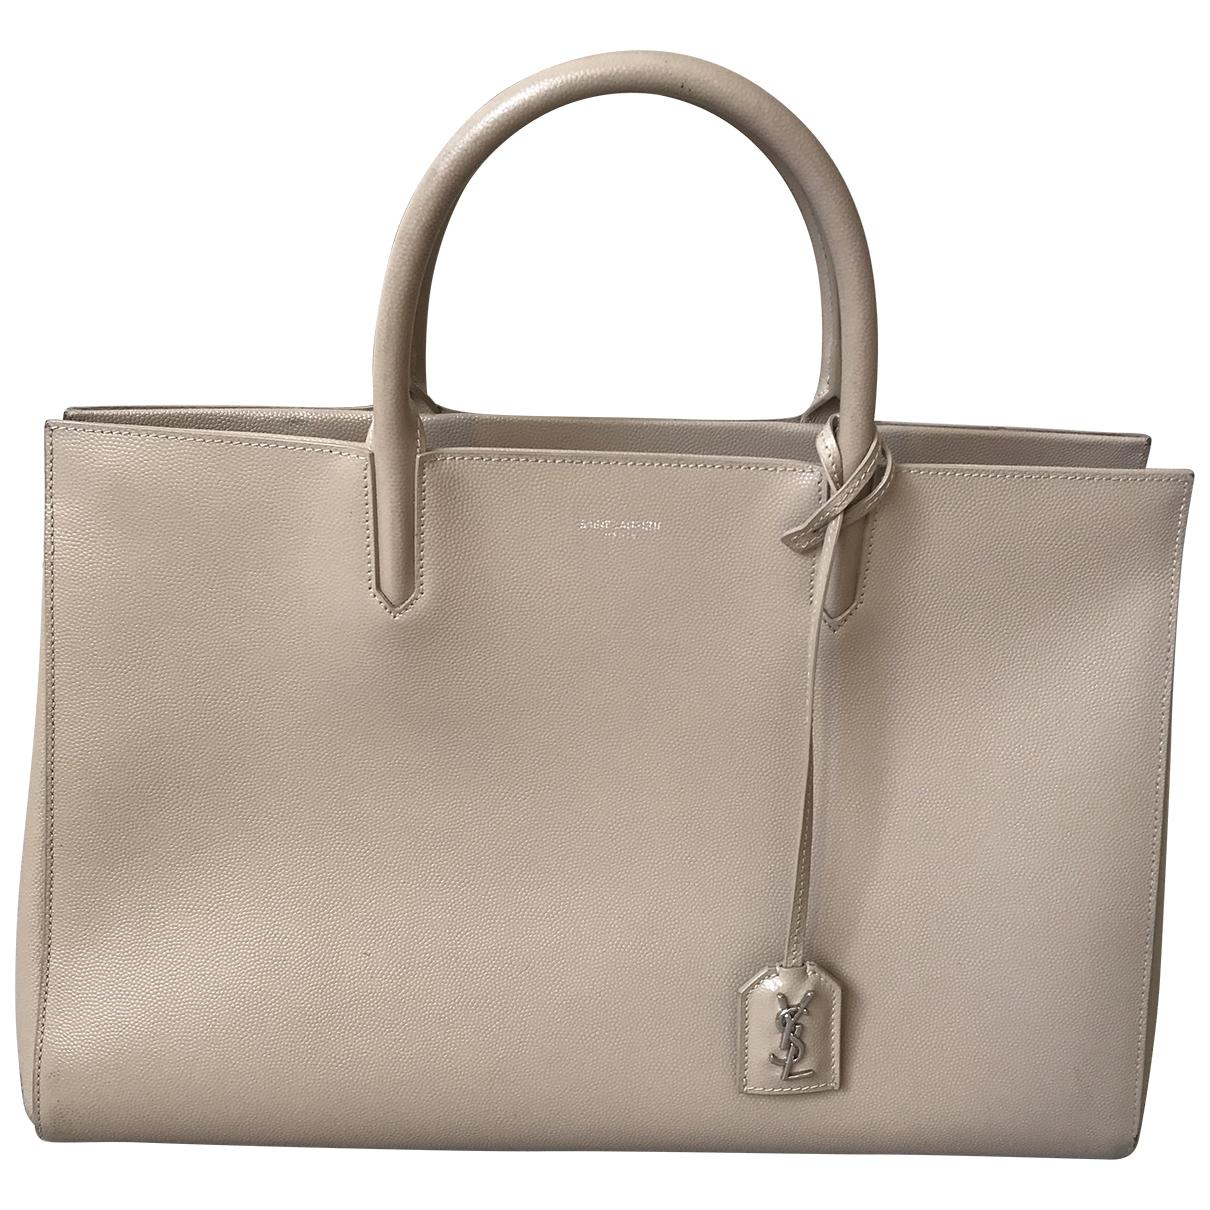 Saint Laurent Cabas Rive Gauche Beige Leather handbag for Women \N